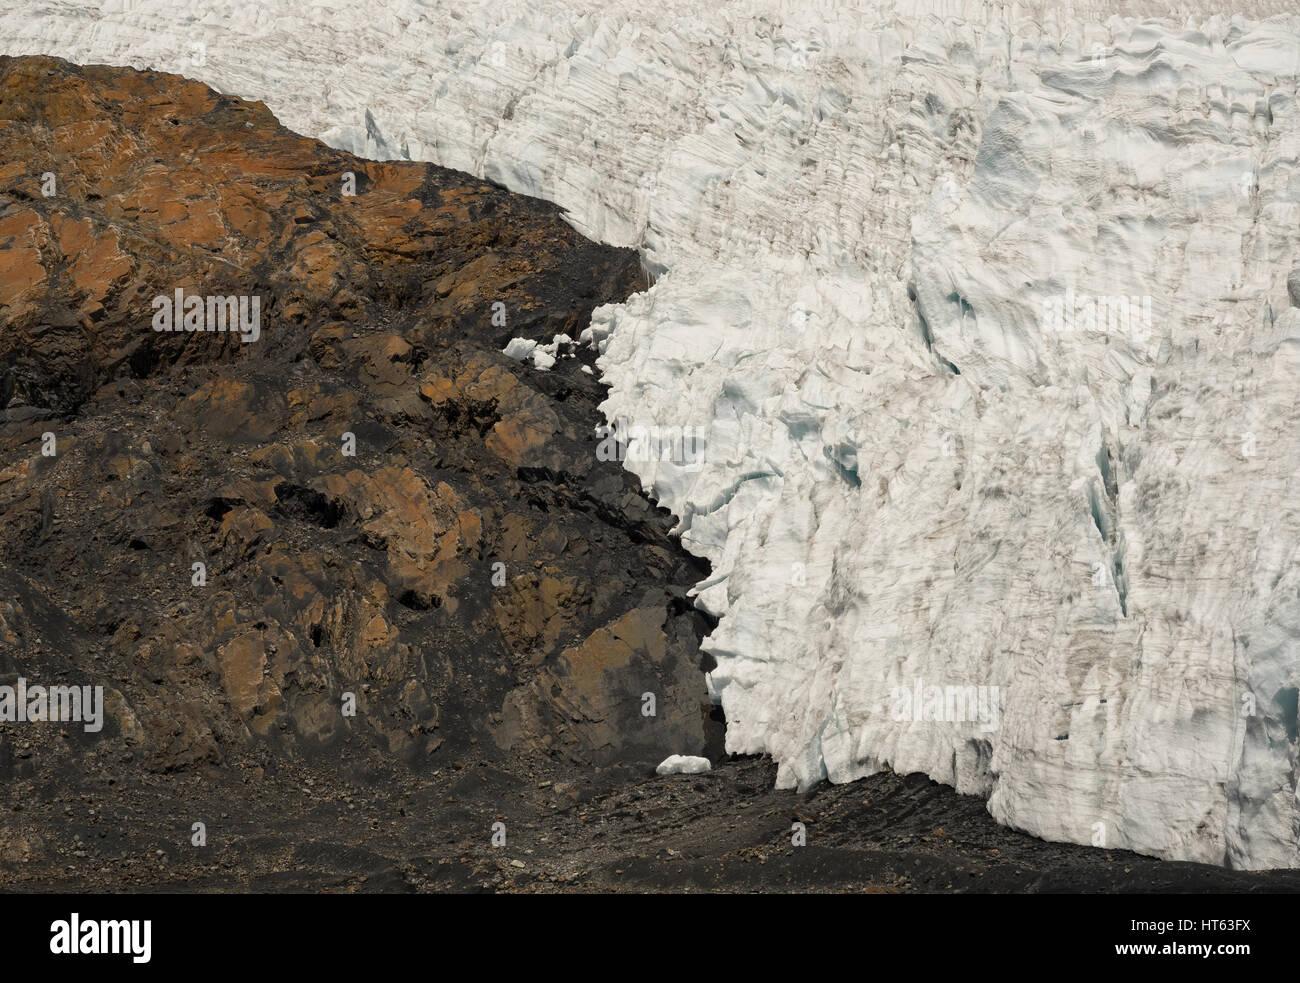 Il confine tra il ghiaccio del ghiacciaio di restringimento e la roccia di una montagna che simboleggiano il cambiamento Immagini Stock